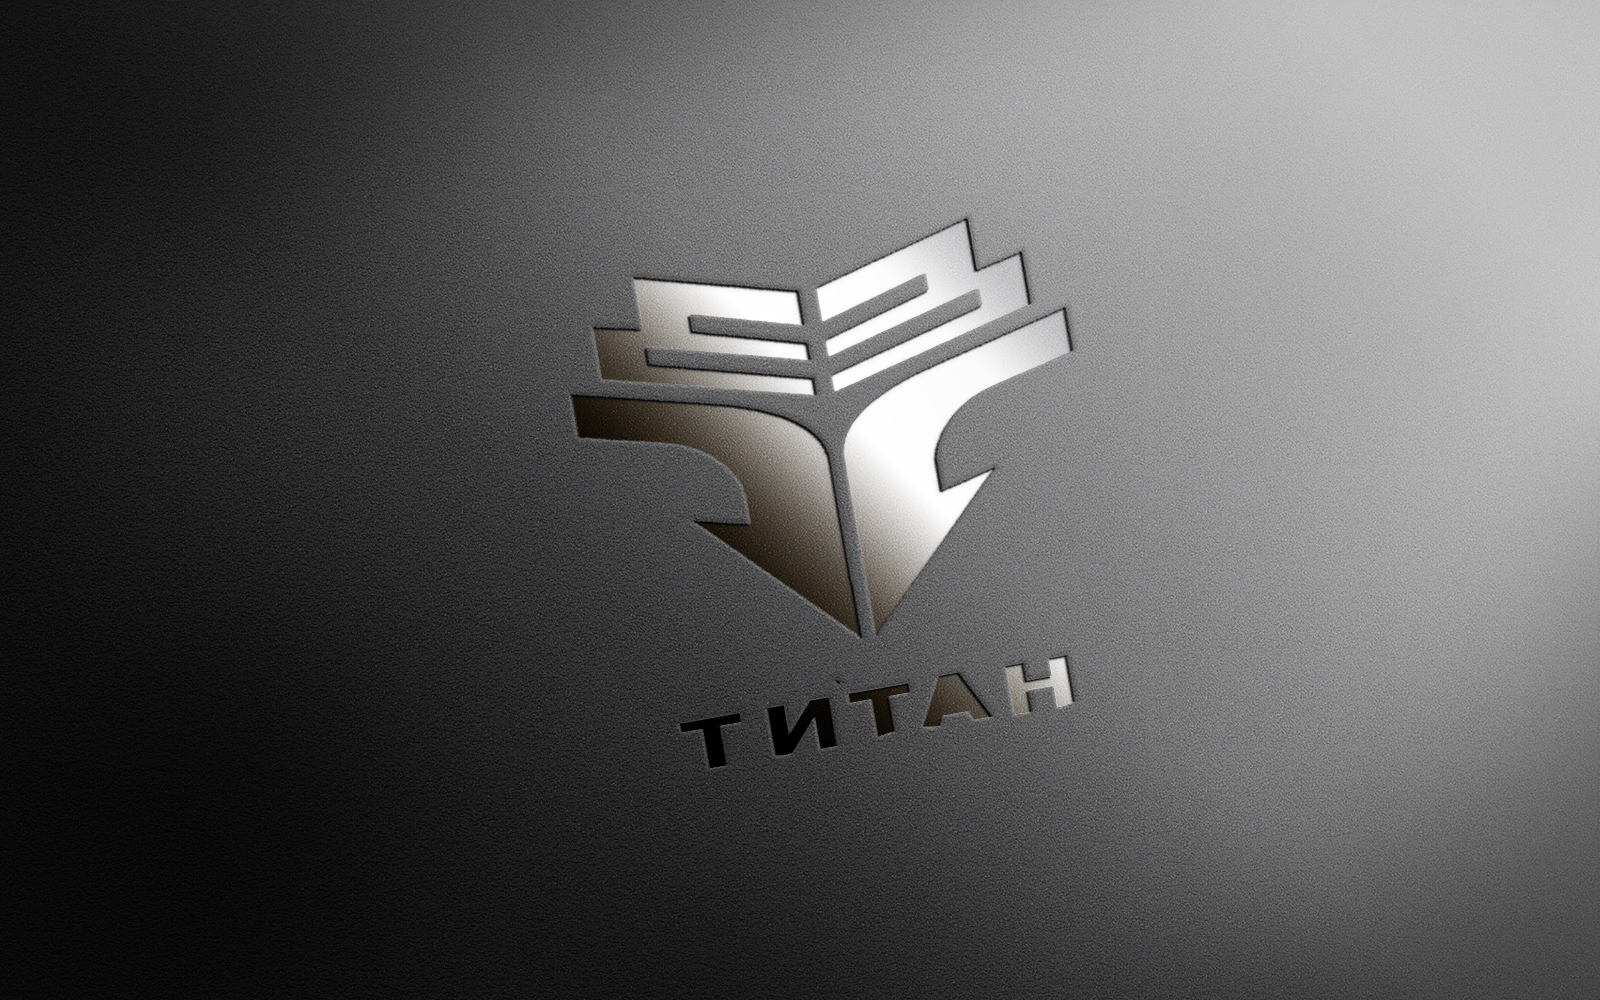 Разработка логотипа (срочно) фото f_2535d4a84d699853.jpg